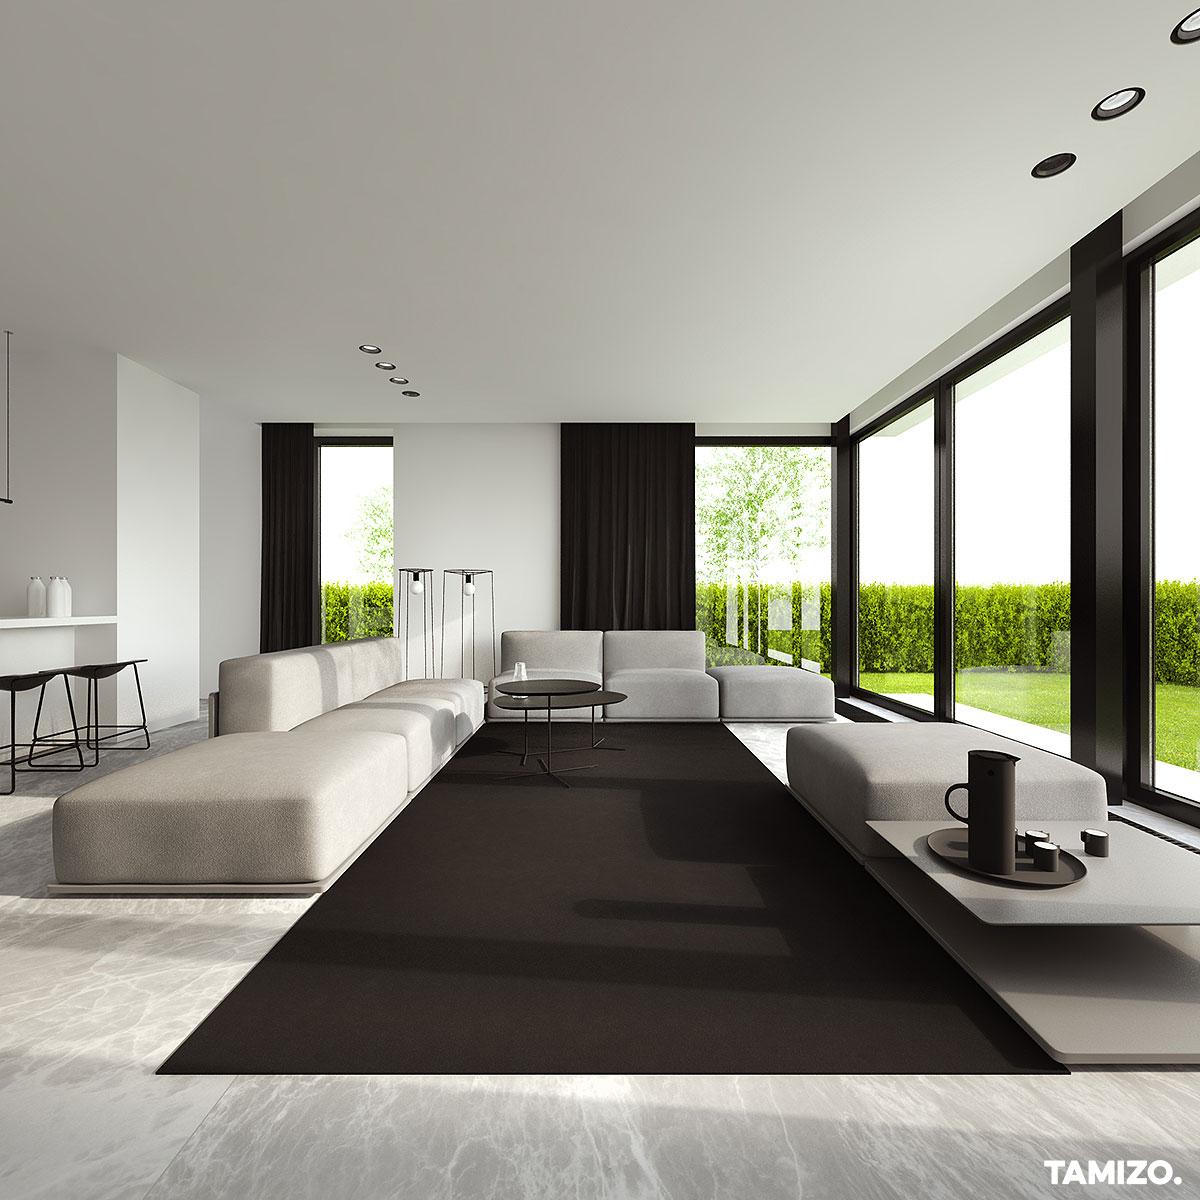 I062_tamizo_architekci_projekt-wnetrz-dom-pabianice-house-jednorodzinny-lodz-08